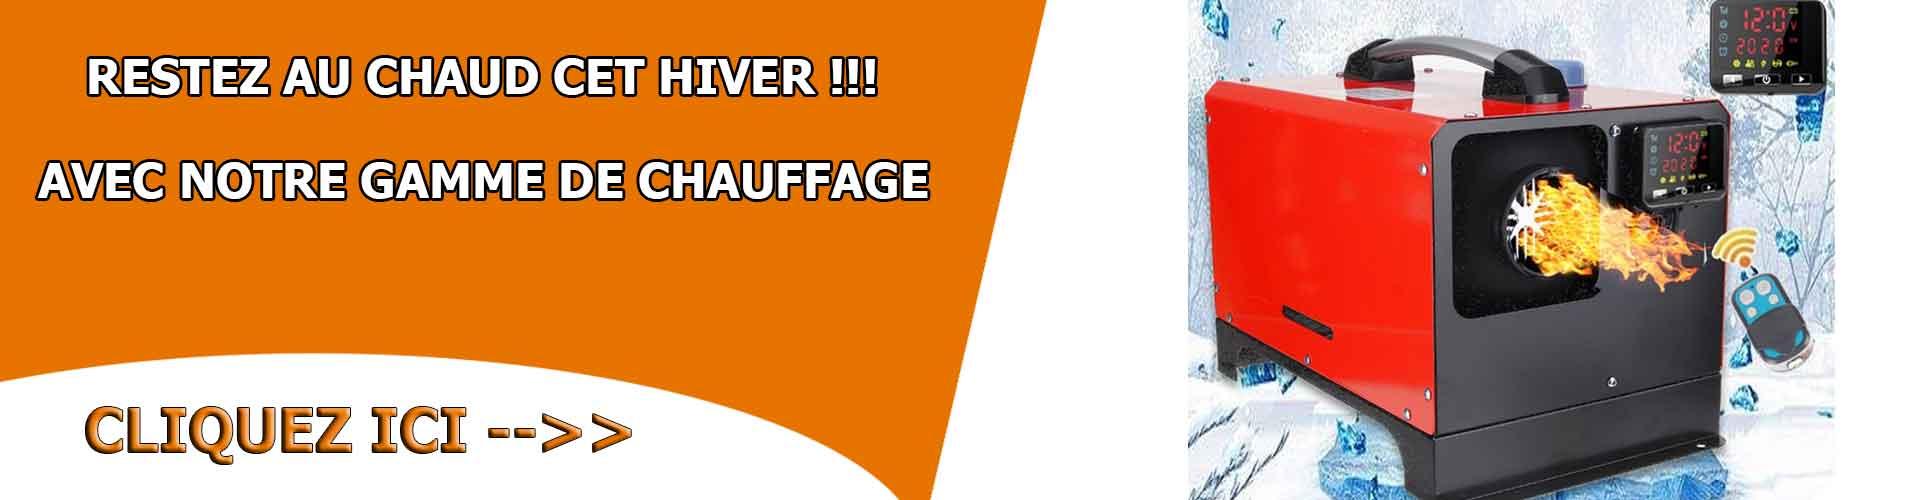 RESTEZ AU CHAUD CET HIVER !!!